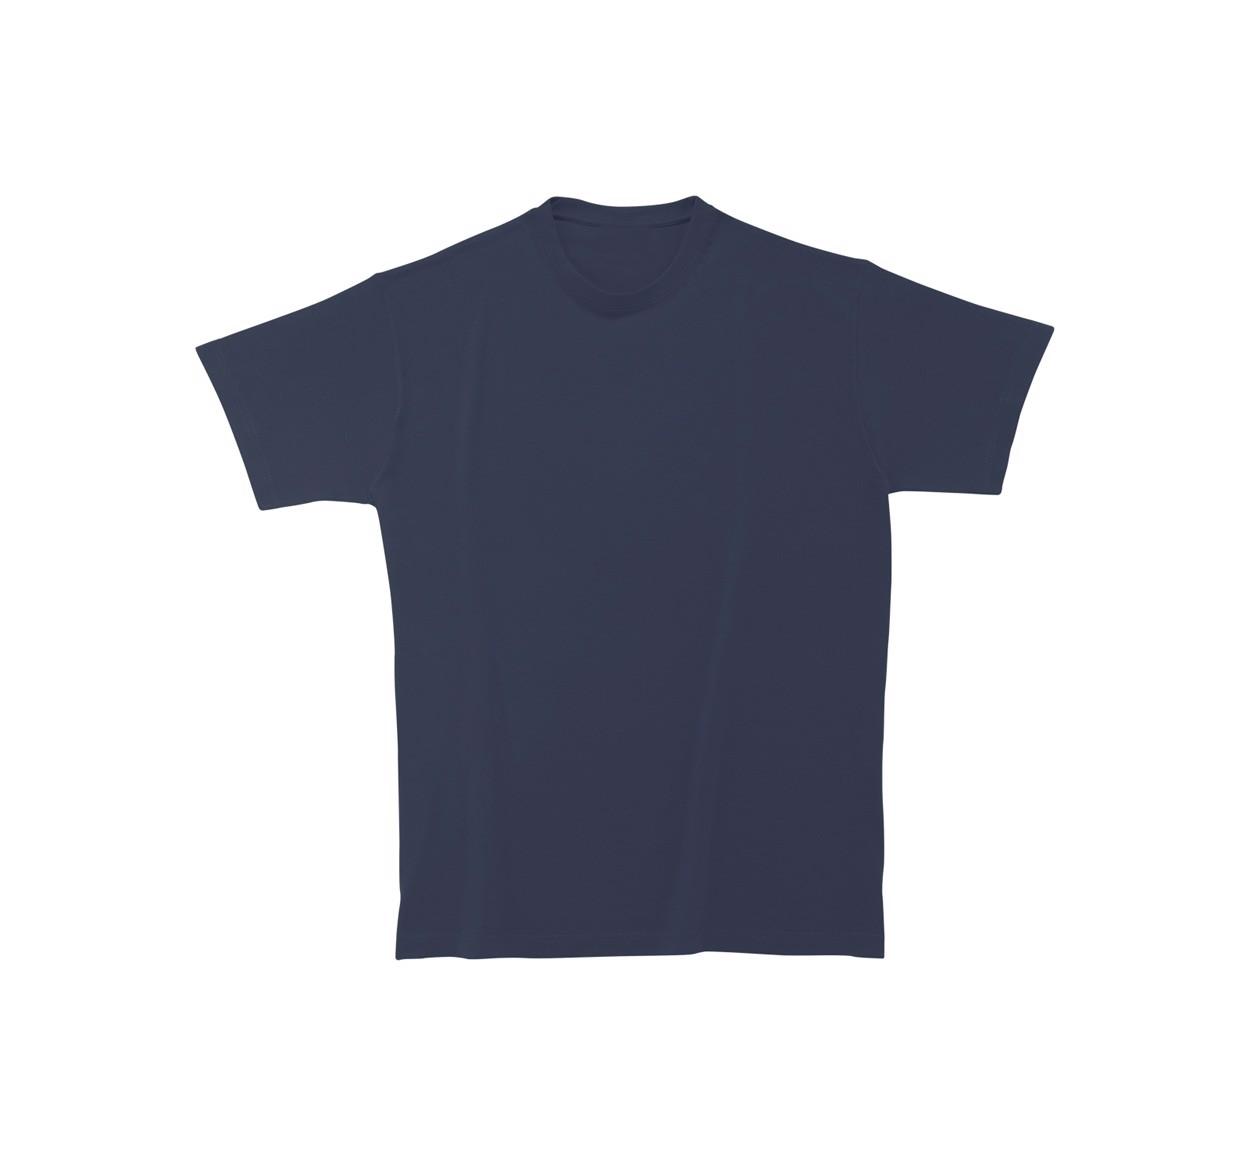 Tričko Softstyle Man - Tmavě Modrá / S